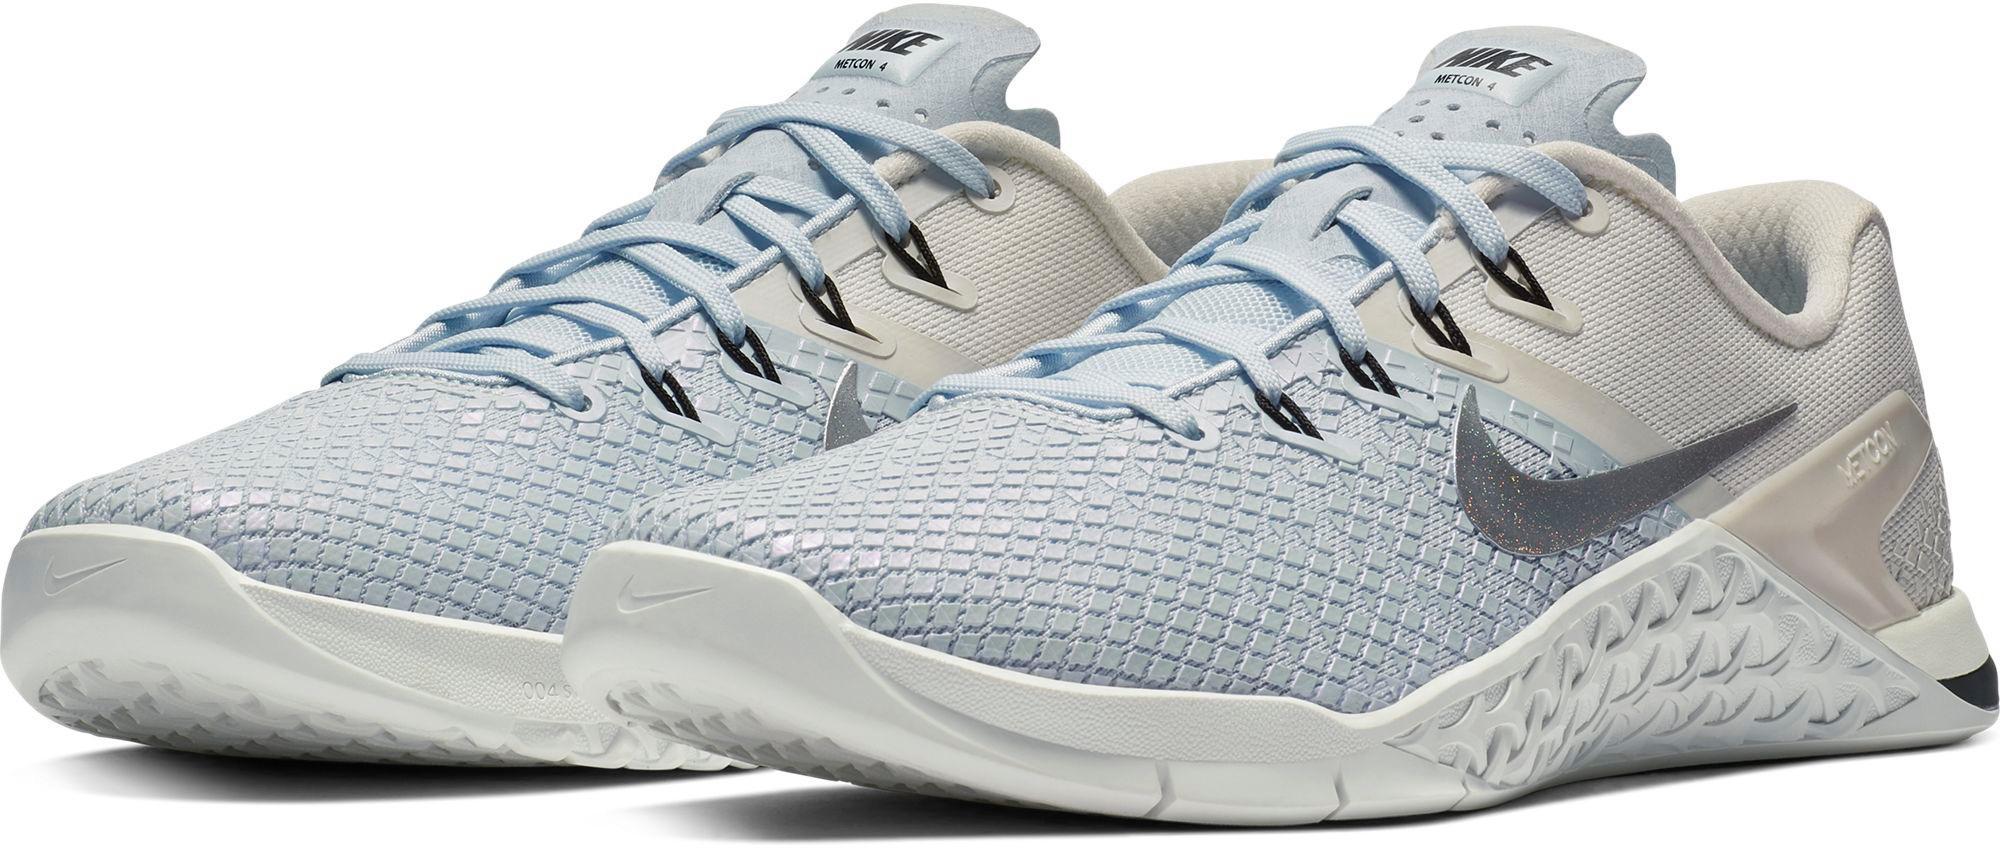 Nike Metcon 4 4 4 XD Fitnessschuhe Damen half Blau-mtlc Silber-sail-schwarz im Online Shop von SportScheck kaufen Gute Qualität beliebte Schuhe a5716c